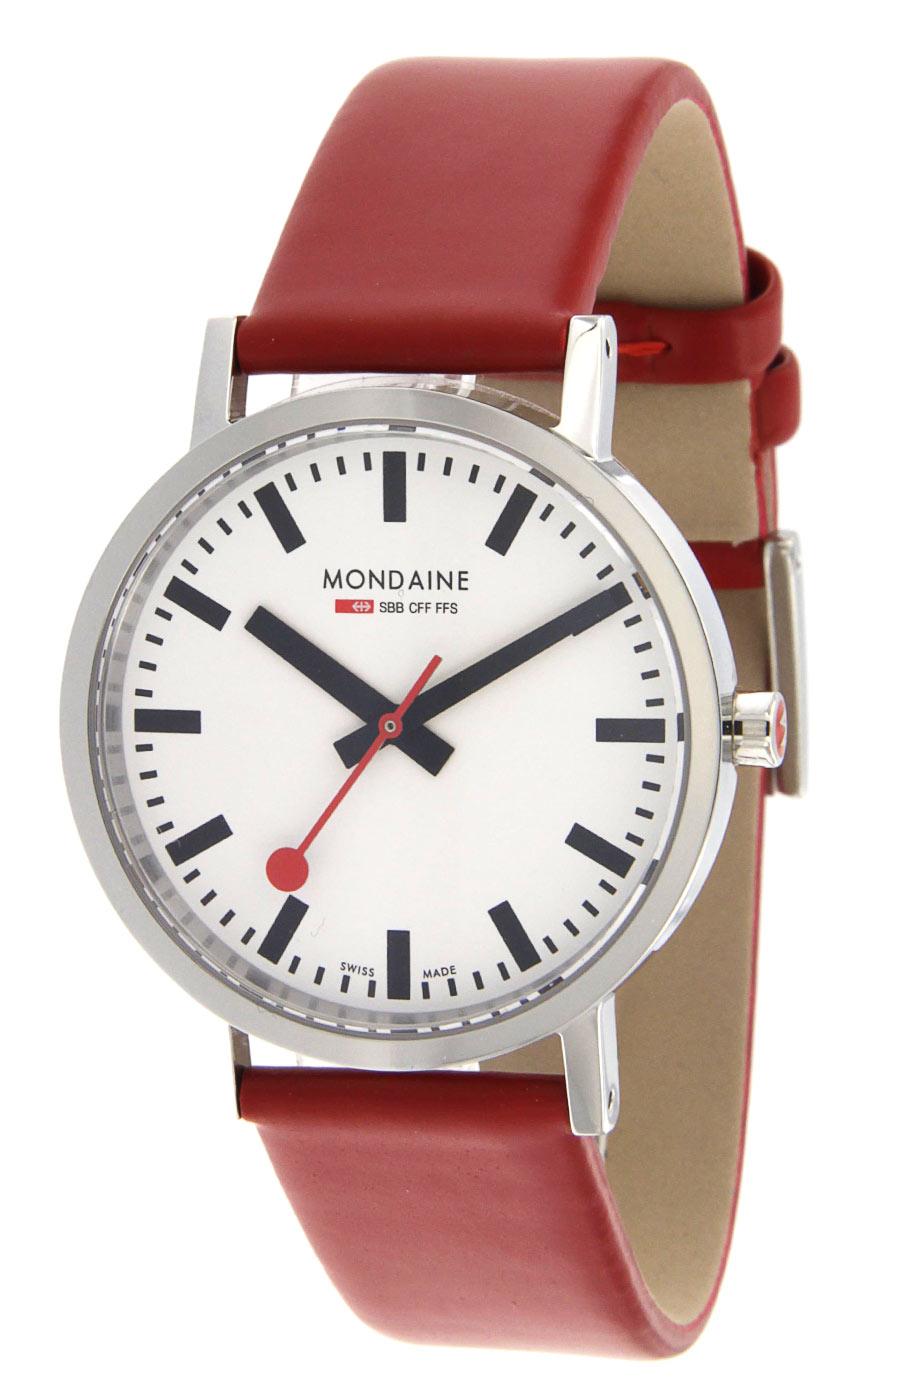 Mondaine orologio da stazione uomo con vetro zaffiro a660 for Orologio da stazione